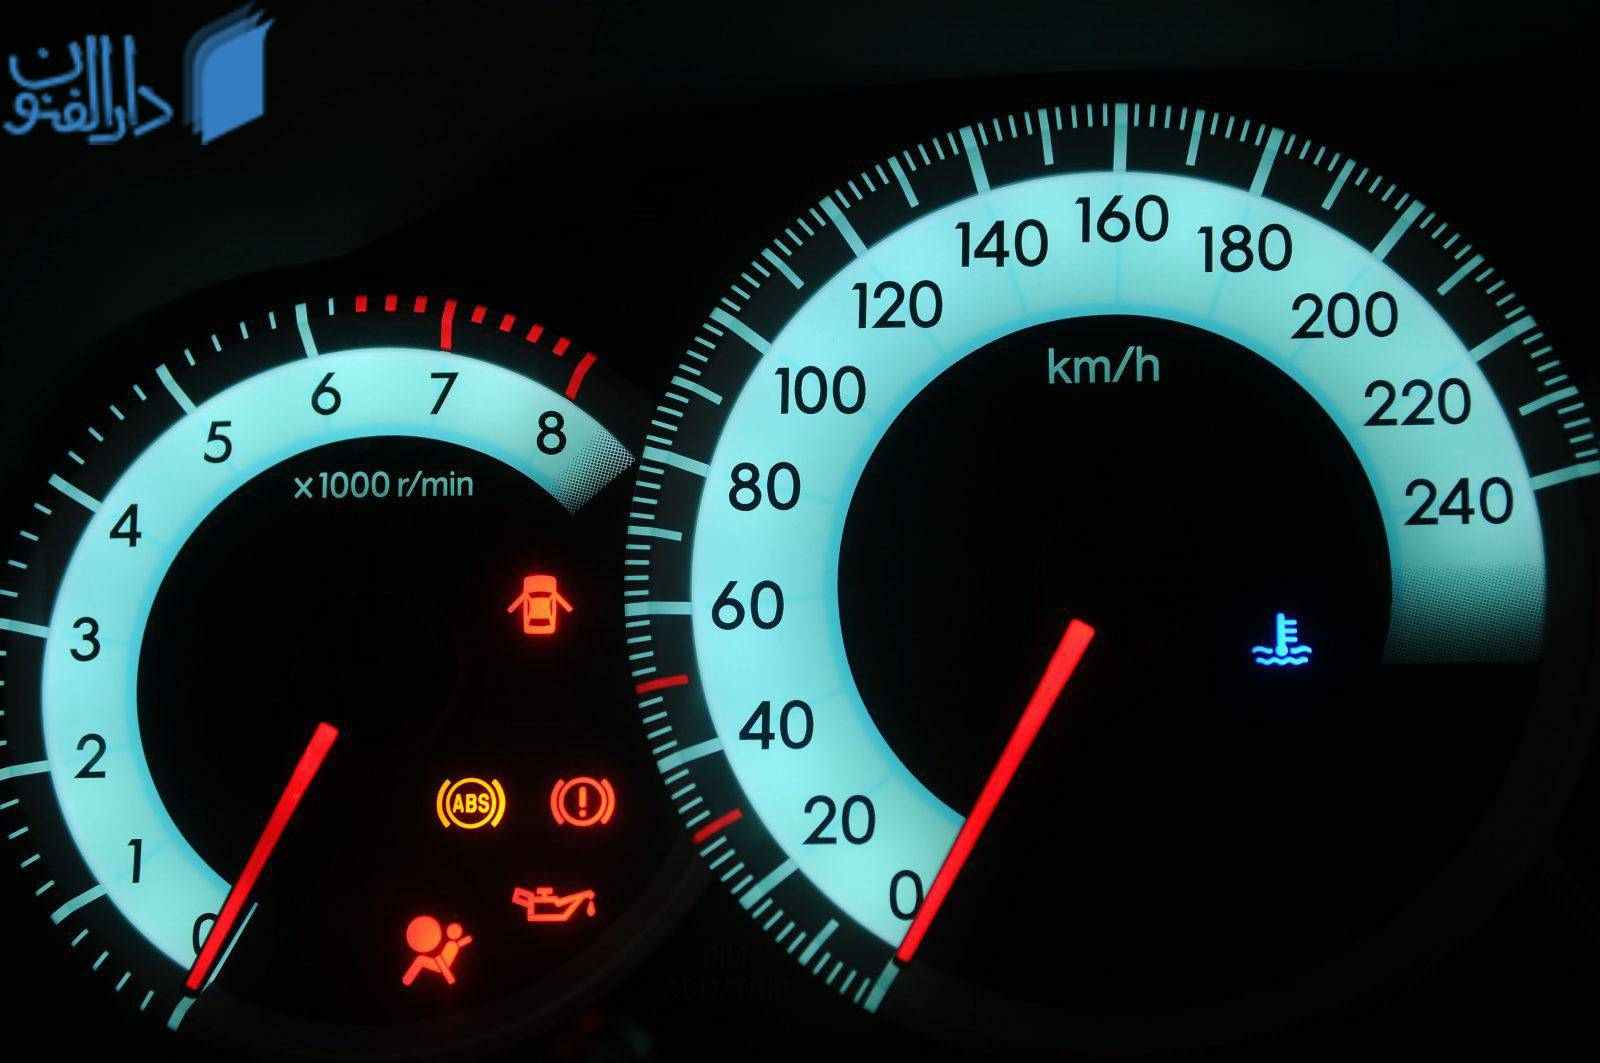 ترمز ABS ضدقفل خودرو